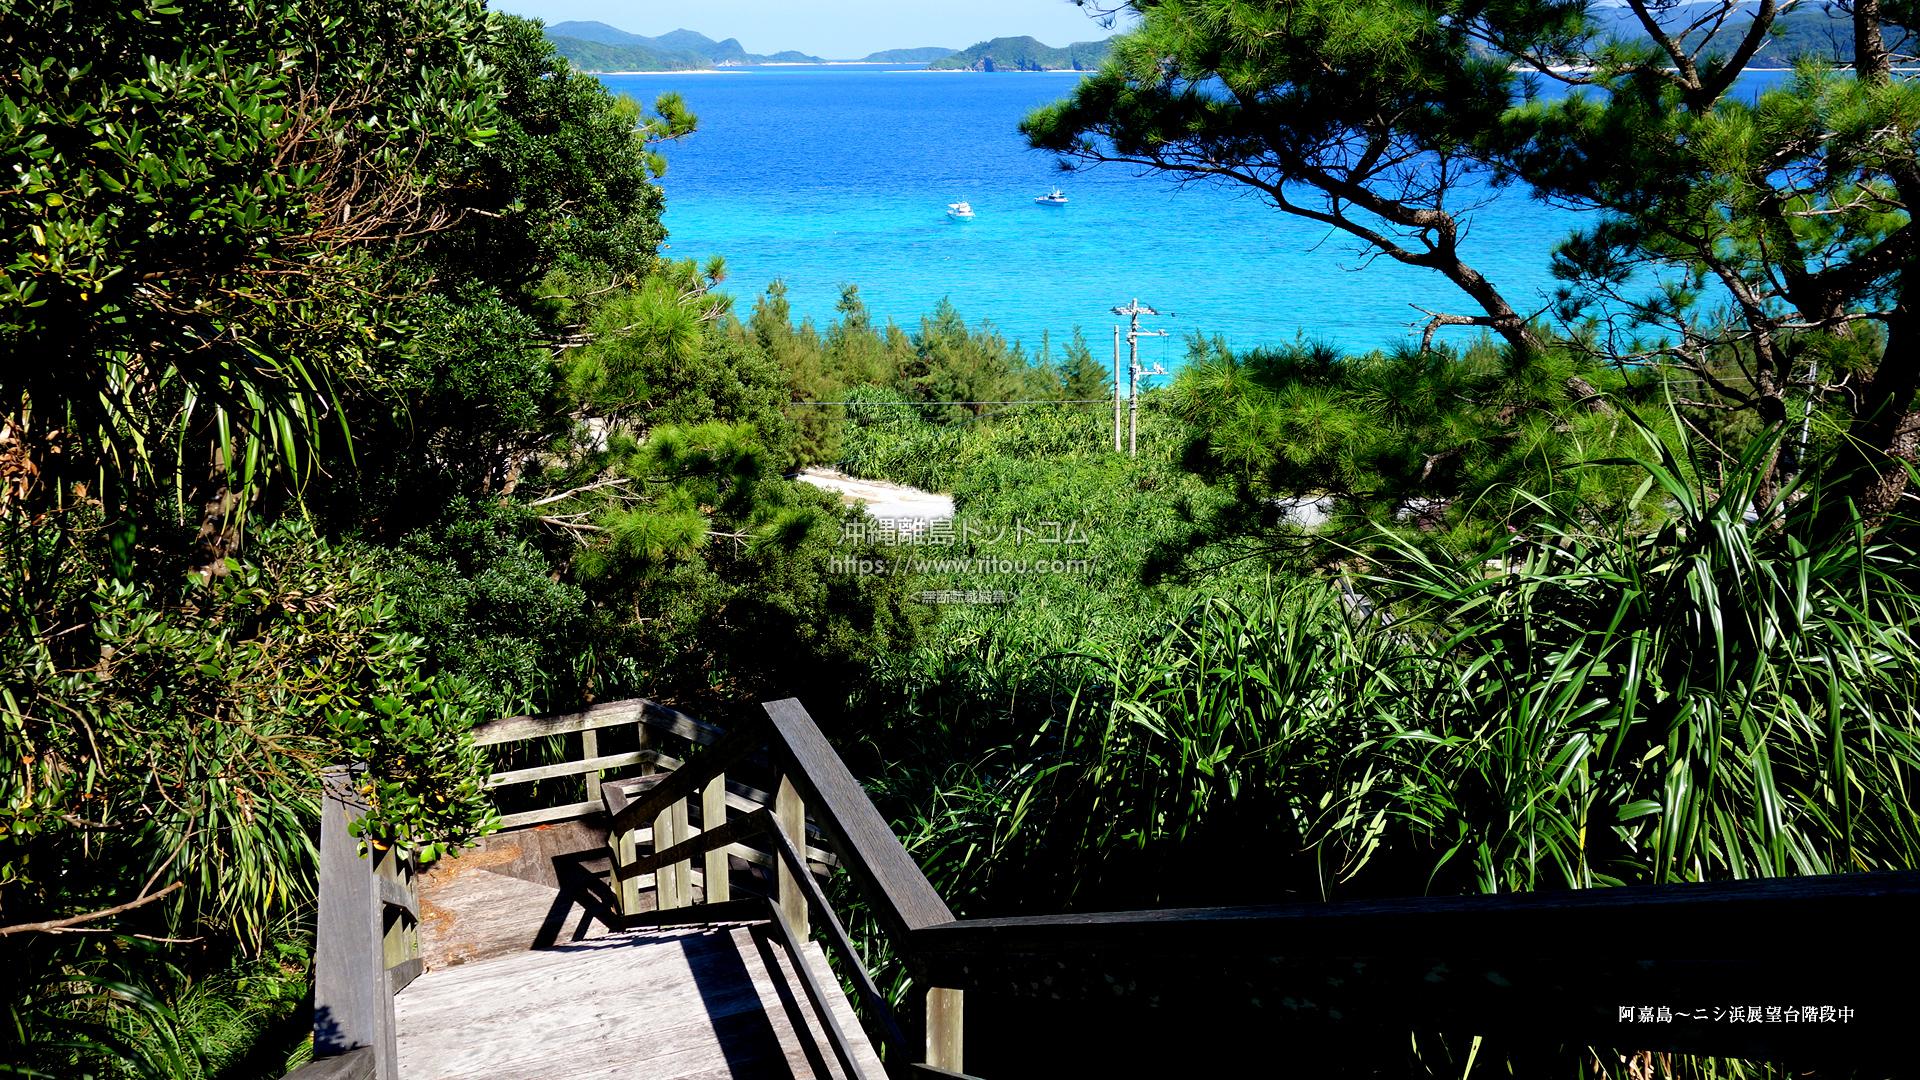 阿嘉島〜ニシ浜展望台階段中